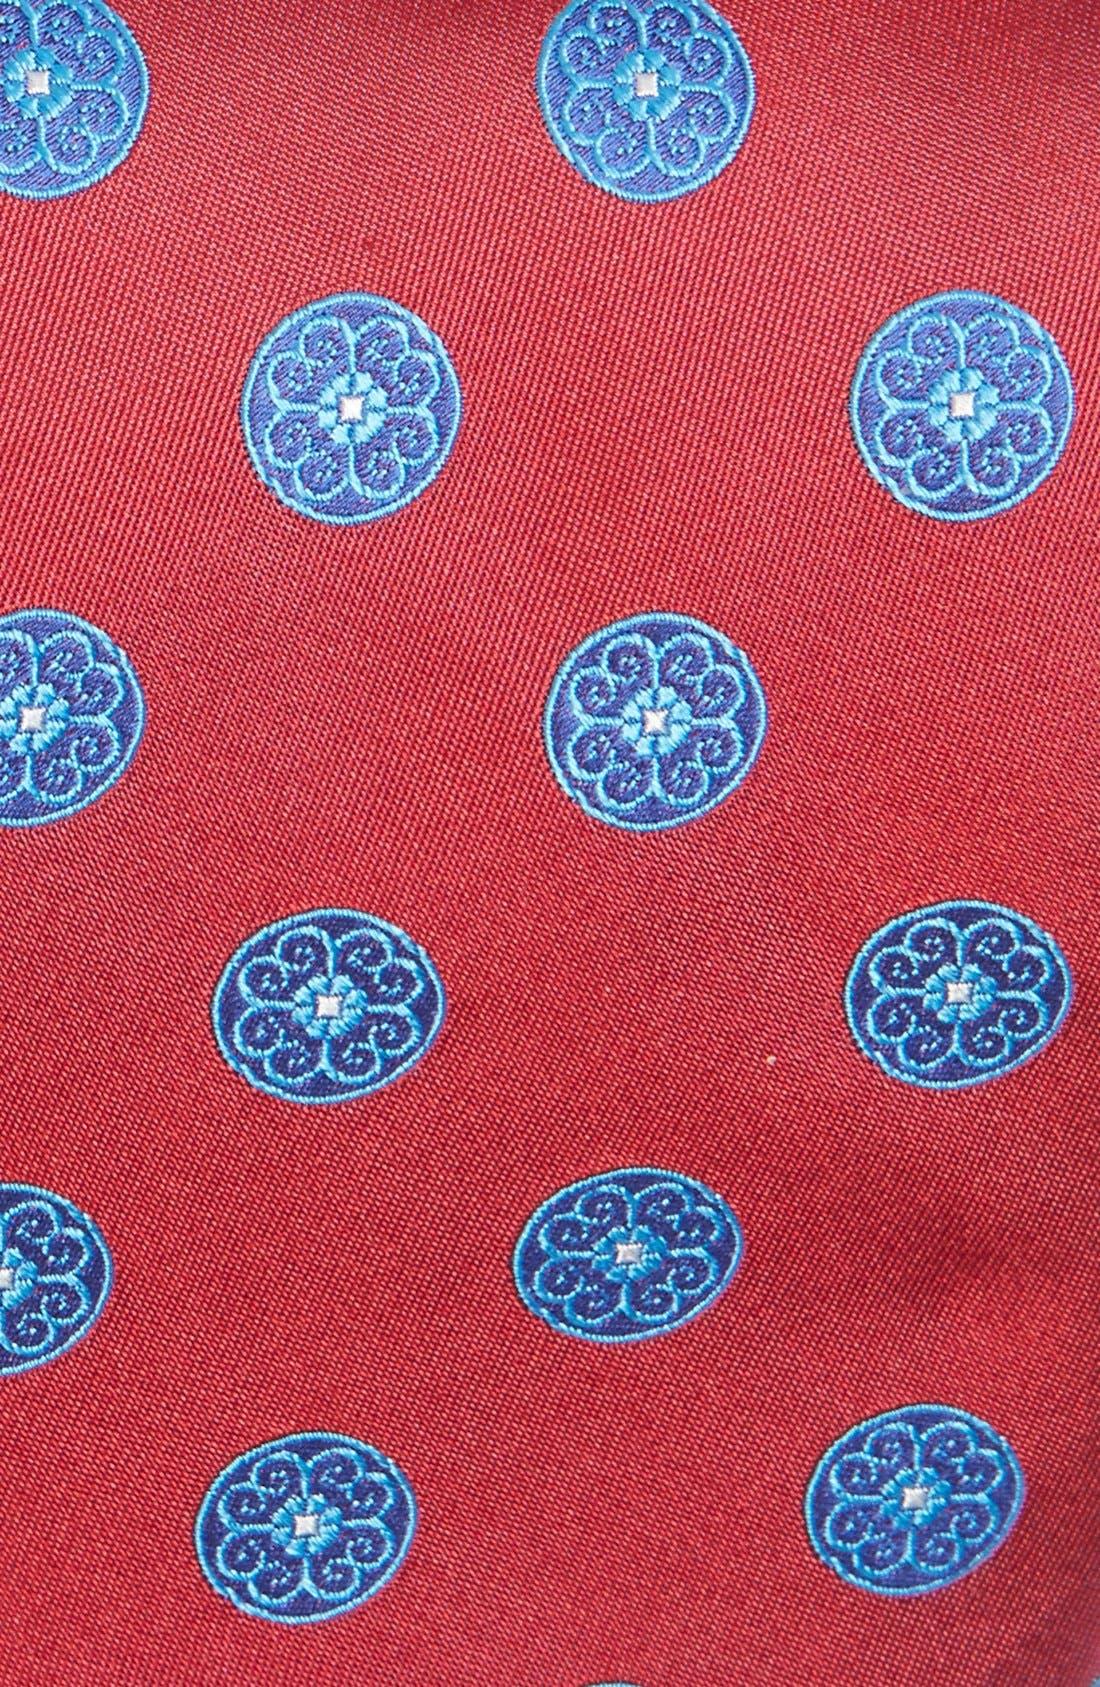 Alternate Image 2  - Ted Baker London Medallion Woven Silk Tie